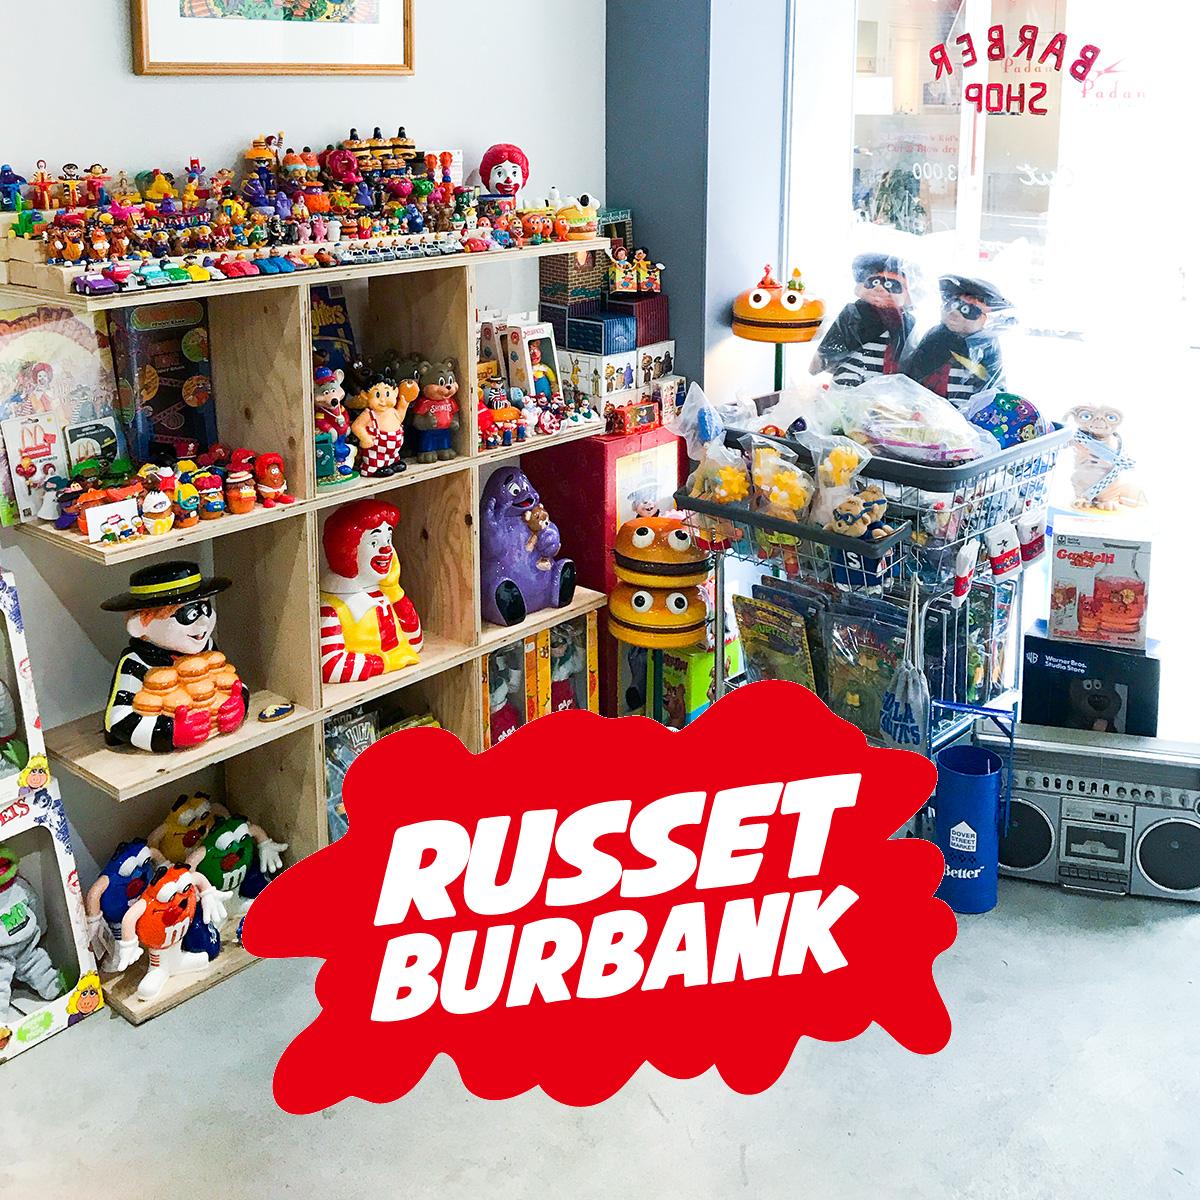 パークの夏祭り | RussetBurbank(ラセットバーバンク)